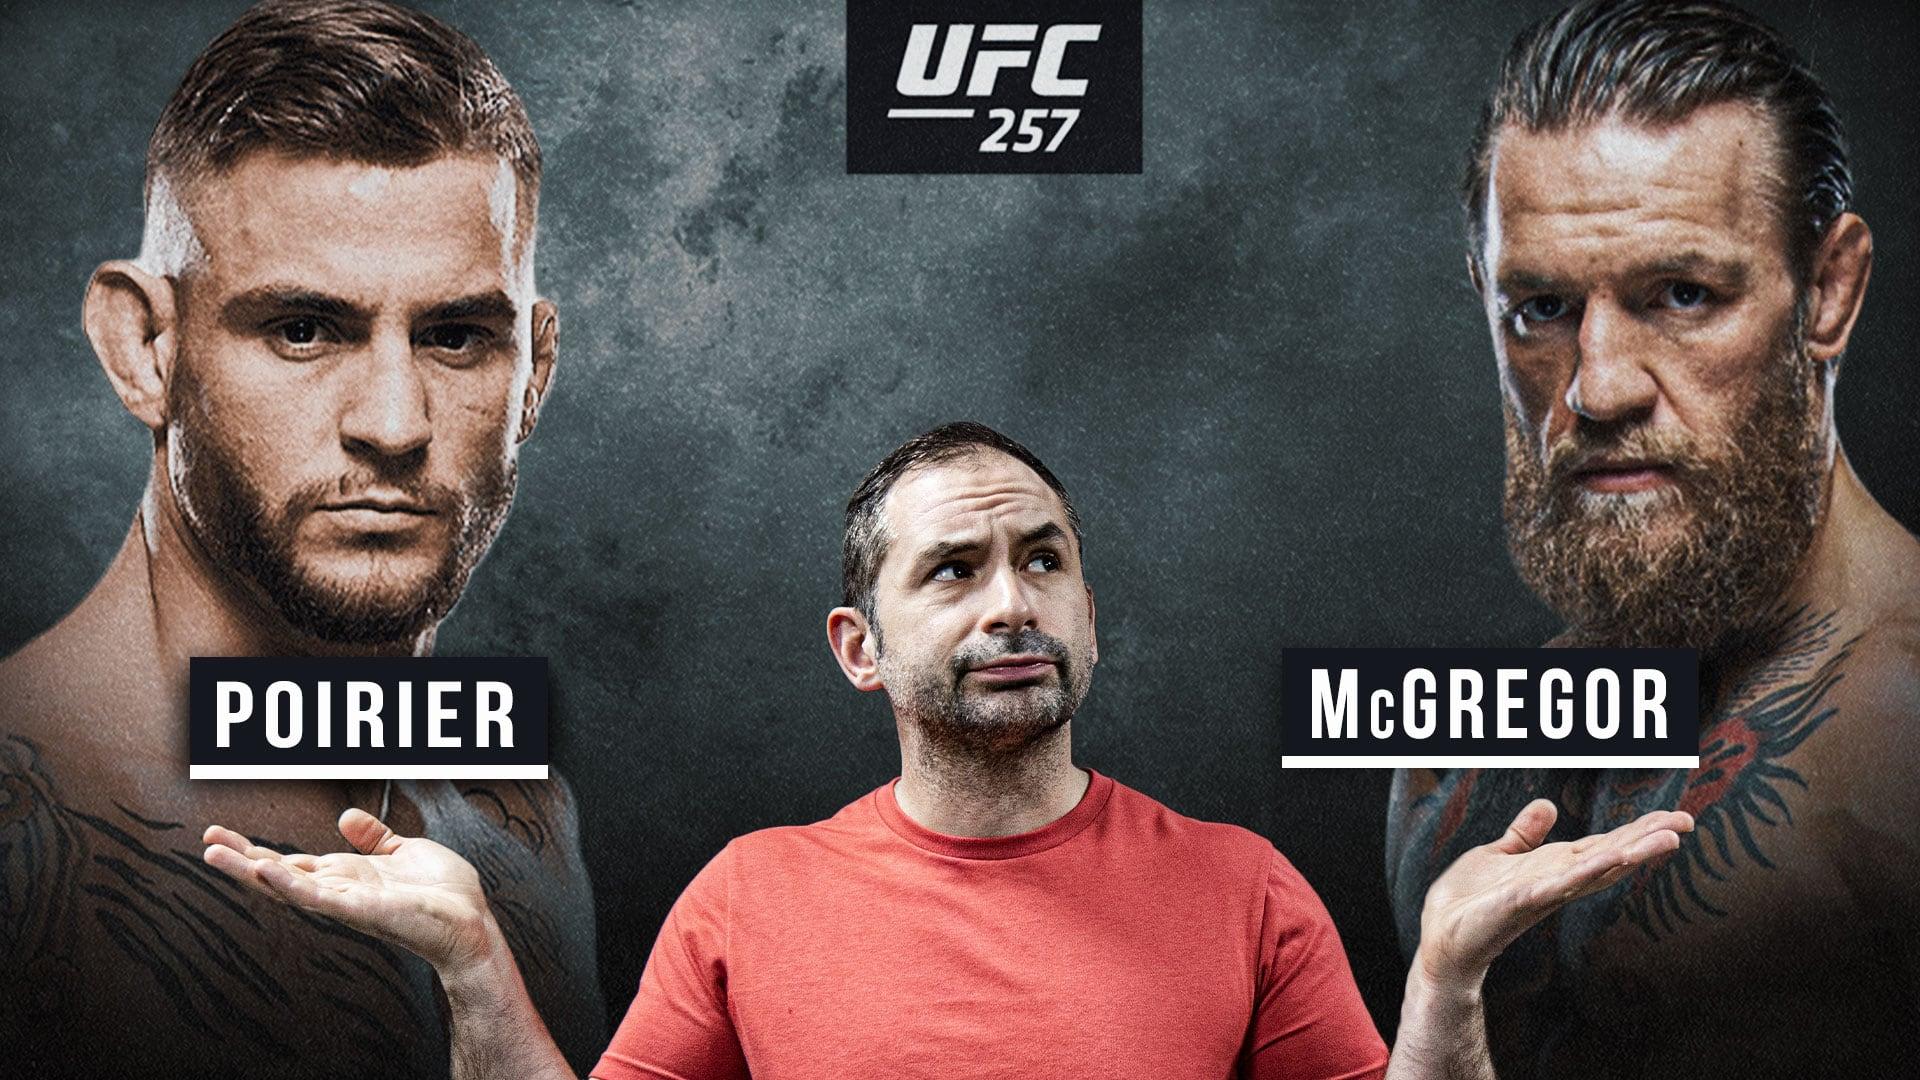 UFC 257 : GROSSE RÉVÉLATION SUR LA STRATÉGIE DE McGREGOR & PRONOSTICS